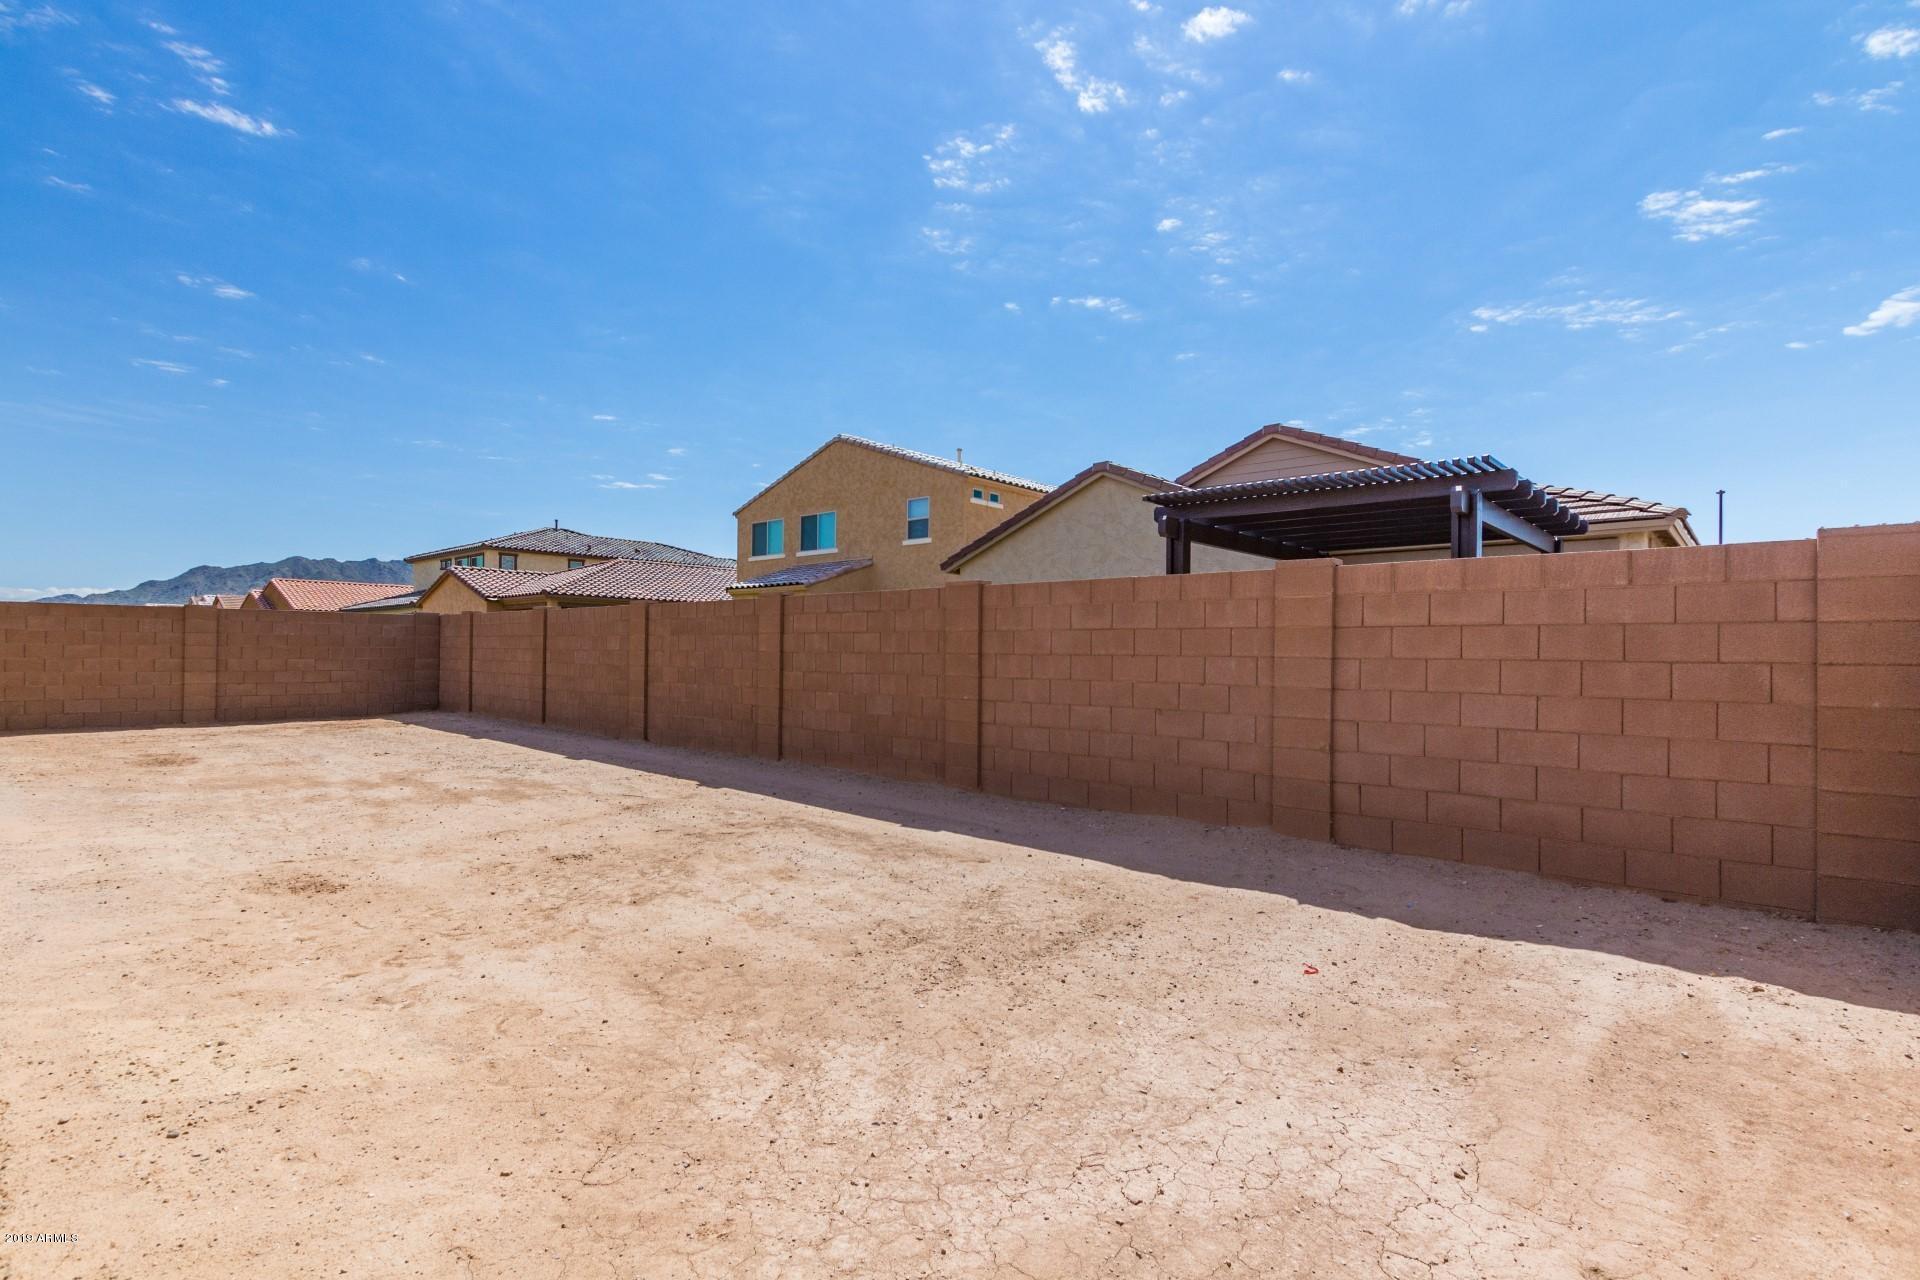 MLS 5862653 2359 E Cherry Hill Drive, Gilbert, AZ 85298 Gilbert AZ Adora Trails